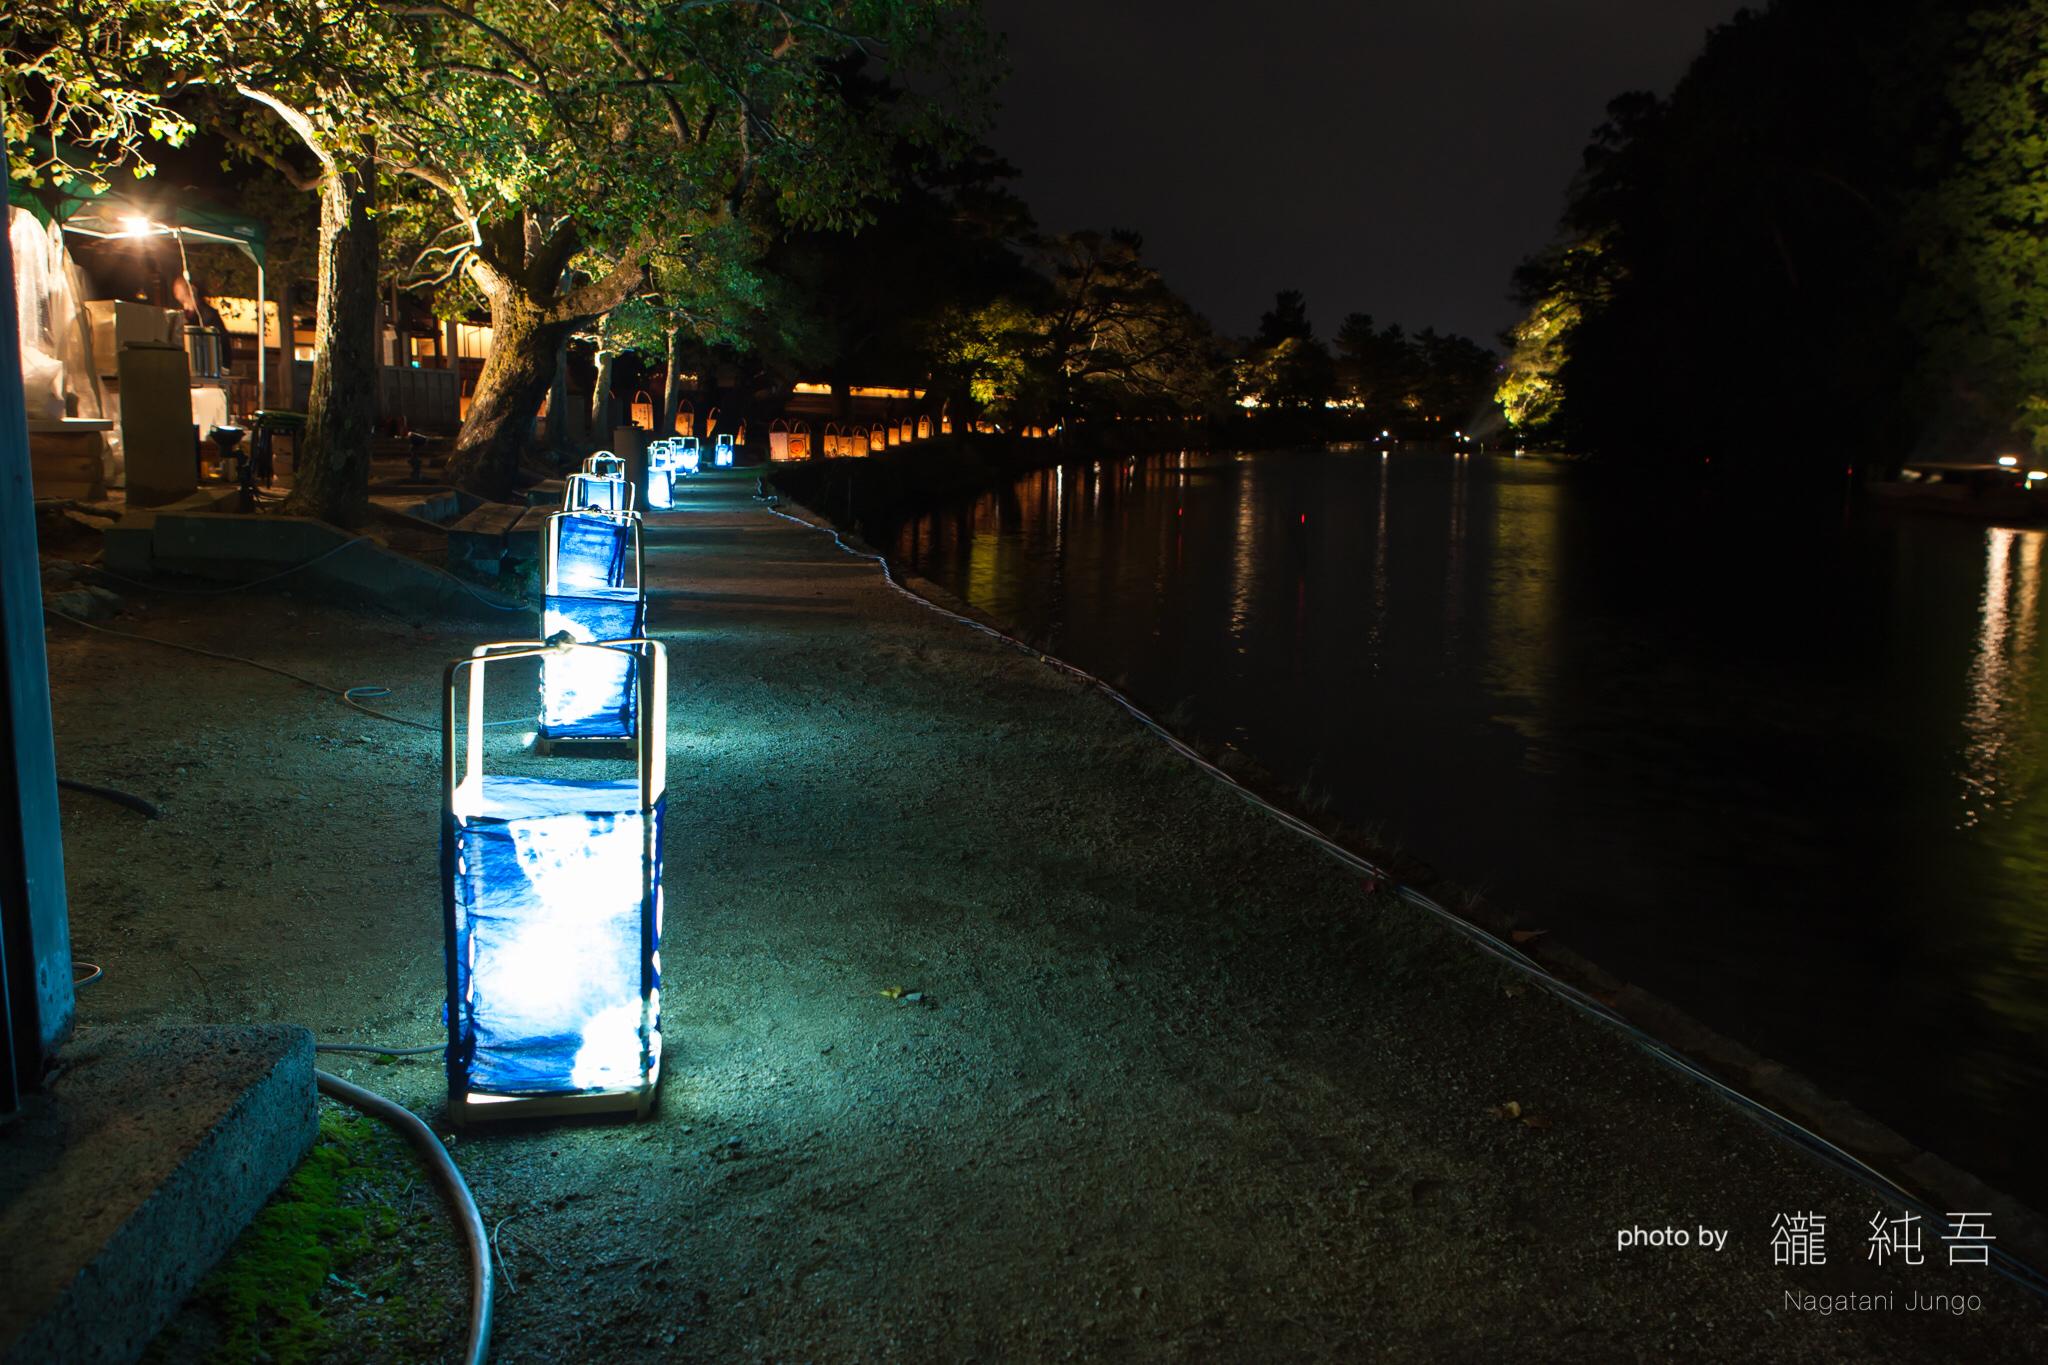 松江水燈路 藍染行灯